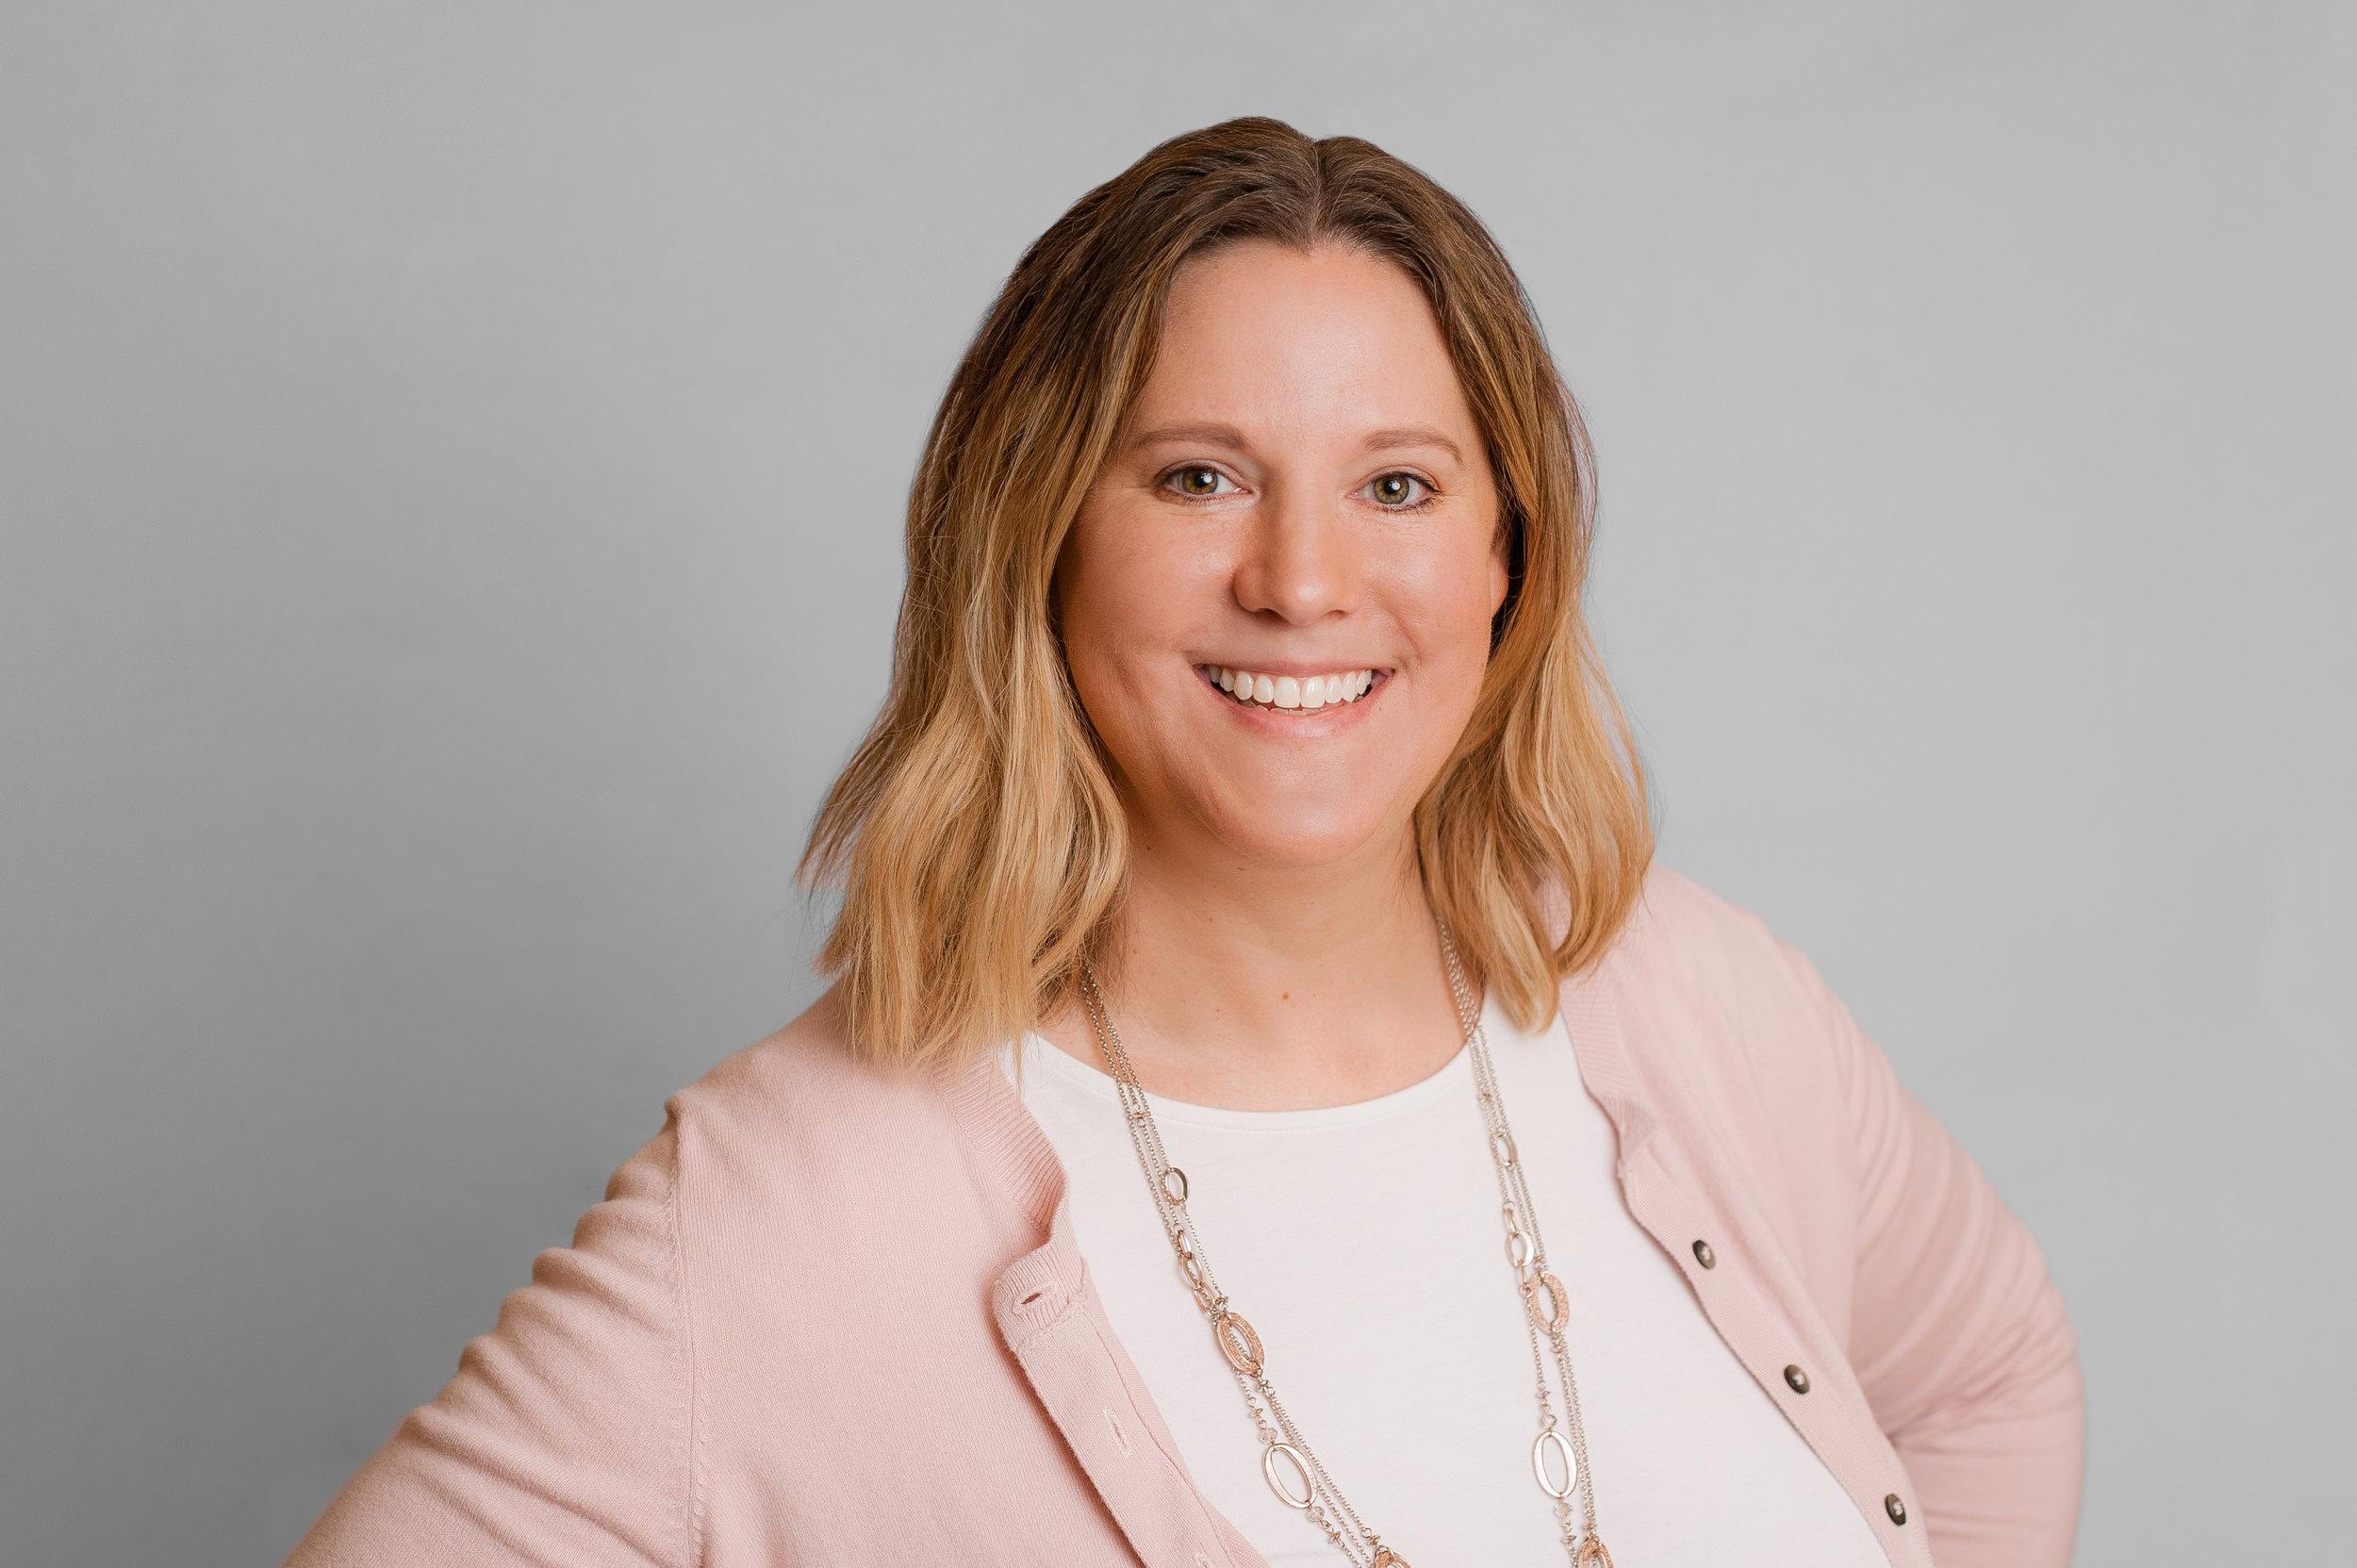 Meet Amy Kersten - LCSW